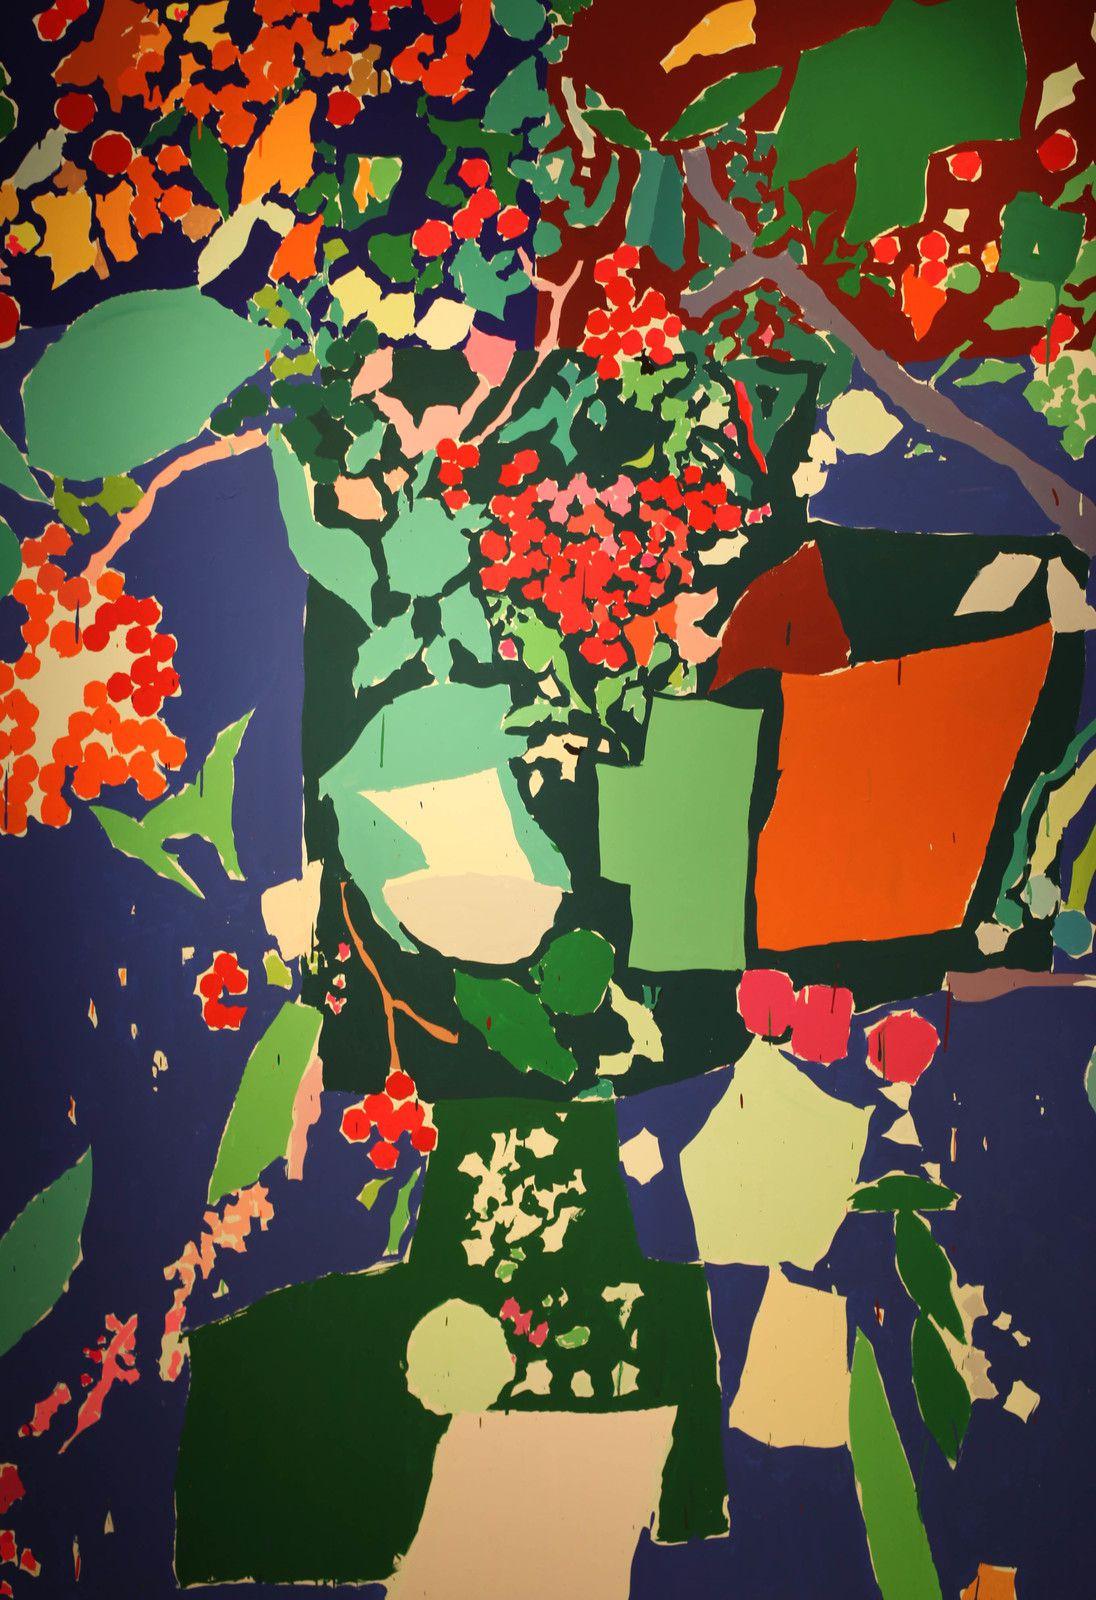 """""""Sans titre 2"""", 2019 de Idir DAVAINE - Courtesy de l'Artiste et de la Galerie Le Feuvre & Roze © Photo Éric Simon"""